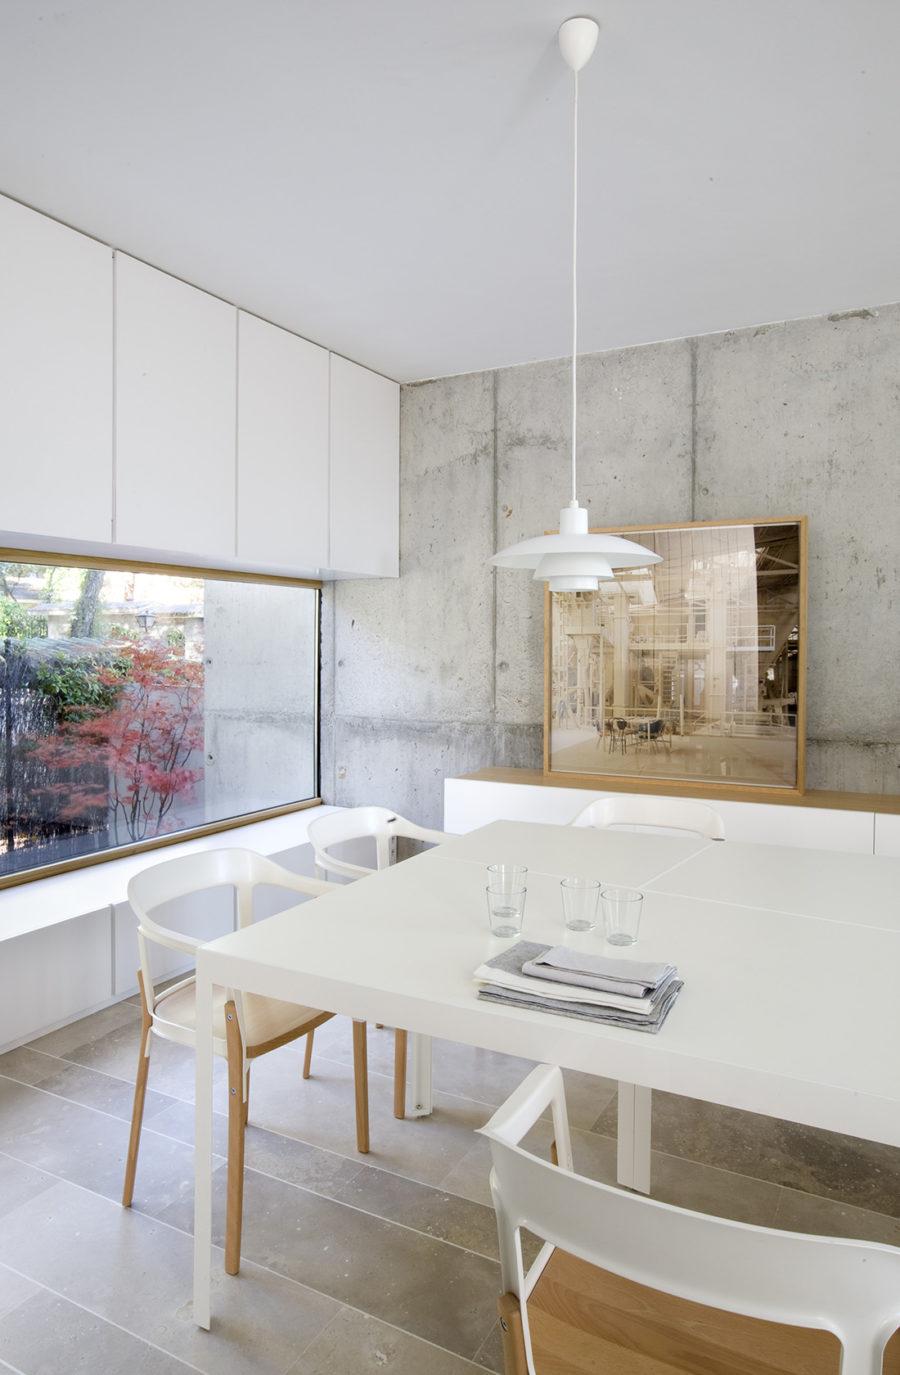 Vista general del comedor con vistas al jadín en ÁBATON Arquitectura